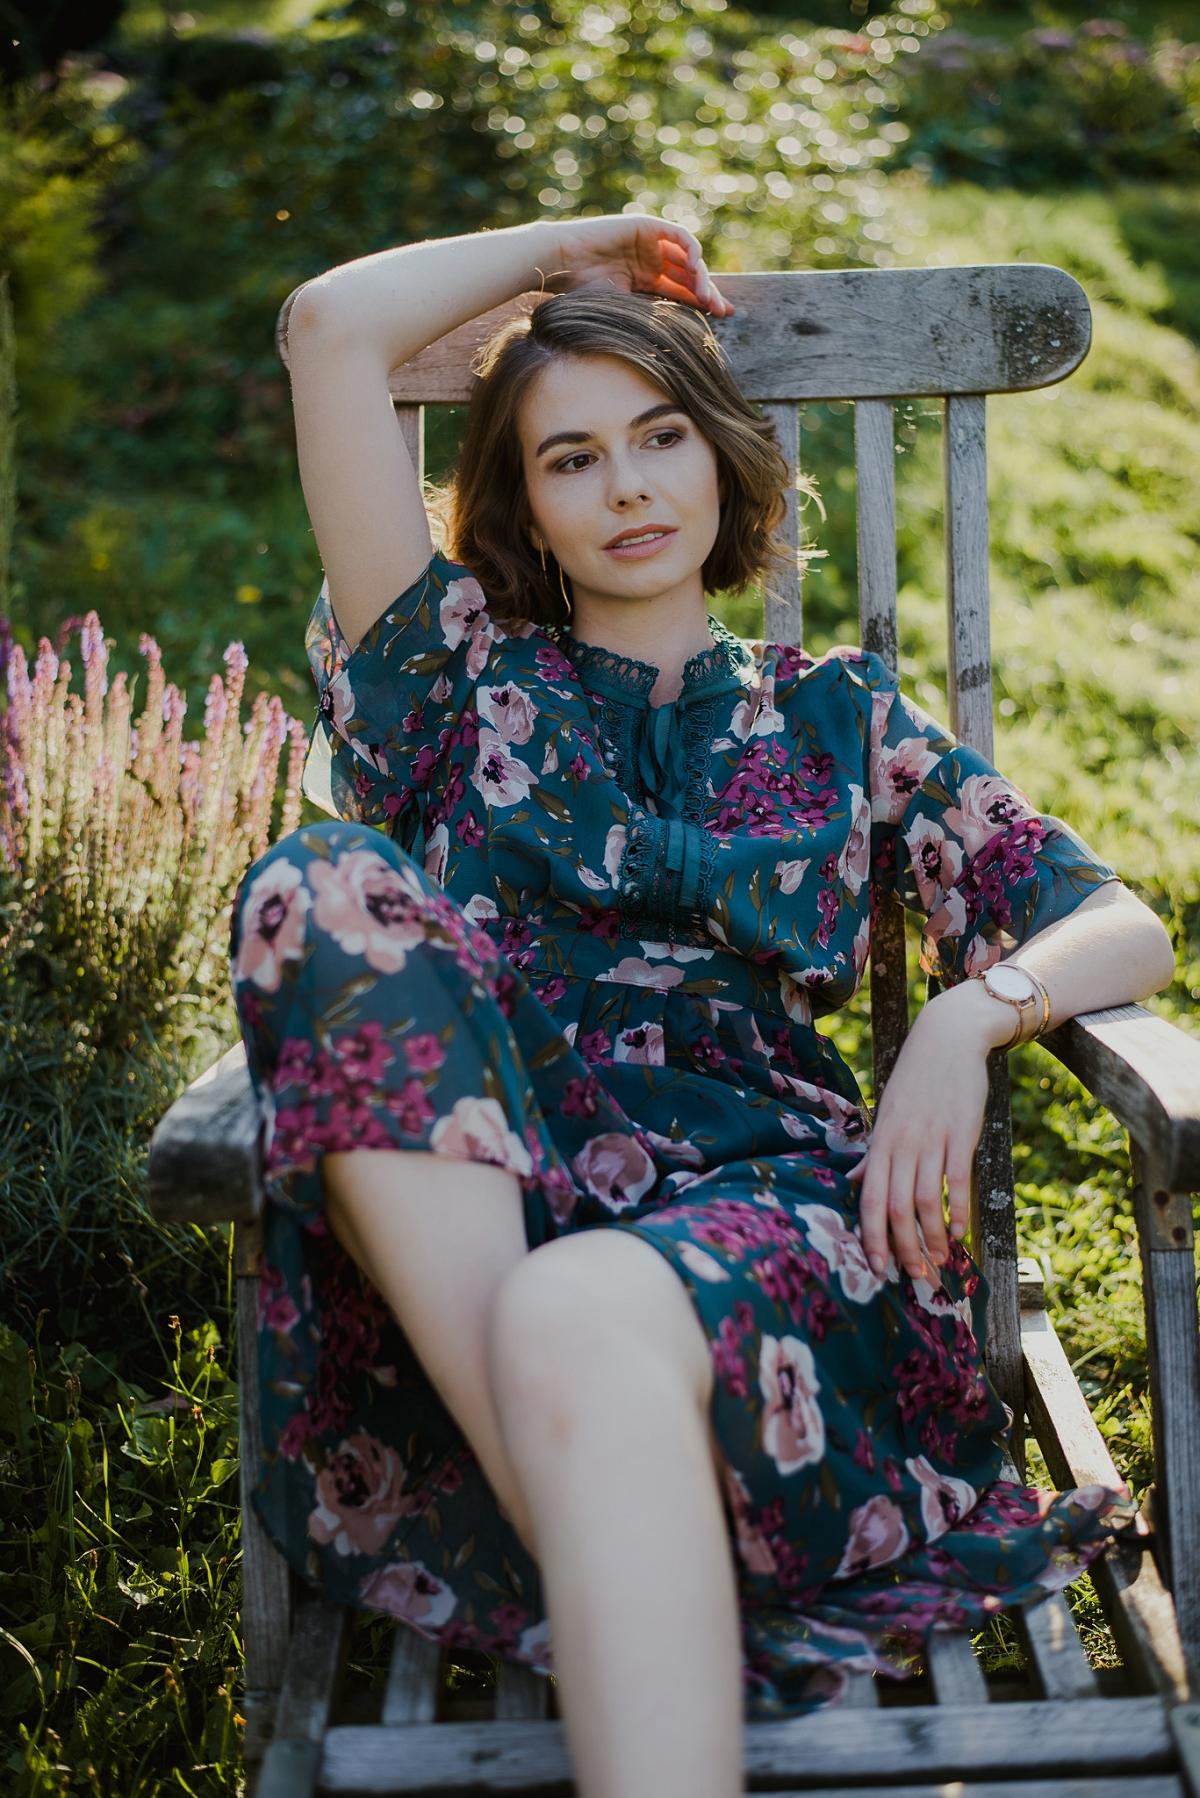 Zwiewna sukienka - jak nosić ją jesienią?